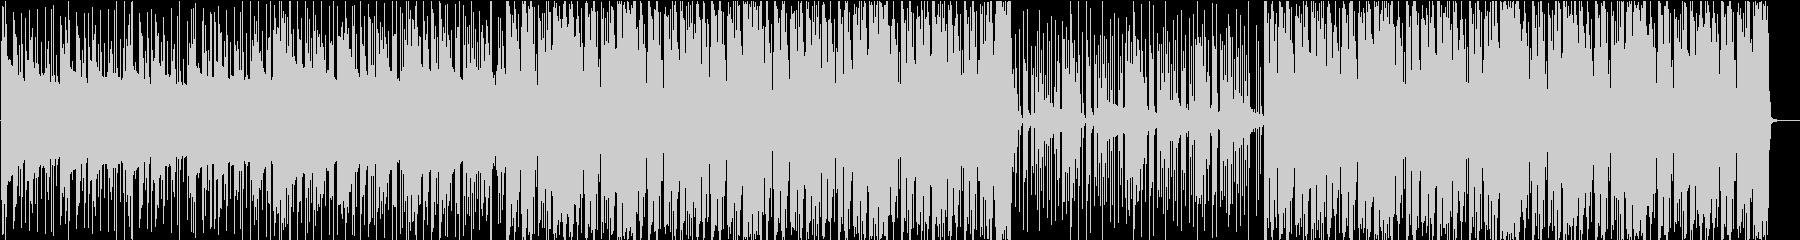 ビート感が強いピアノハウスの未再生の波形